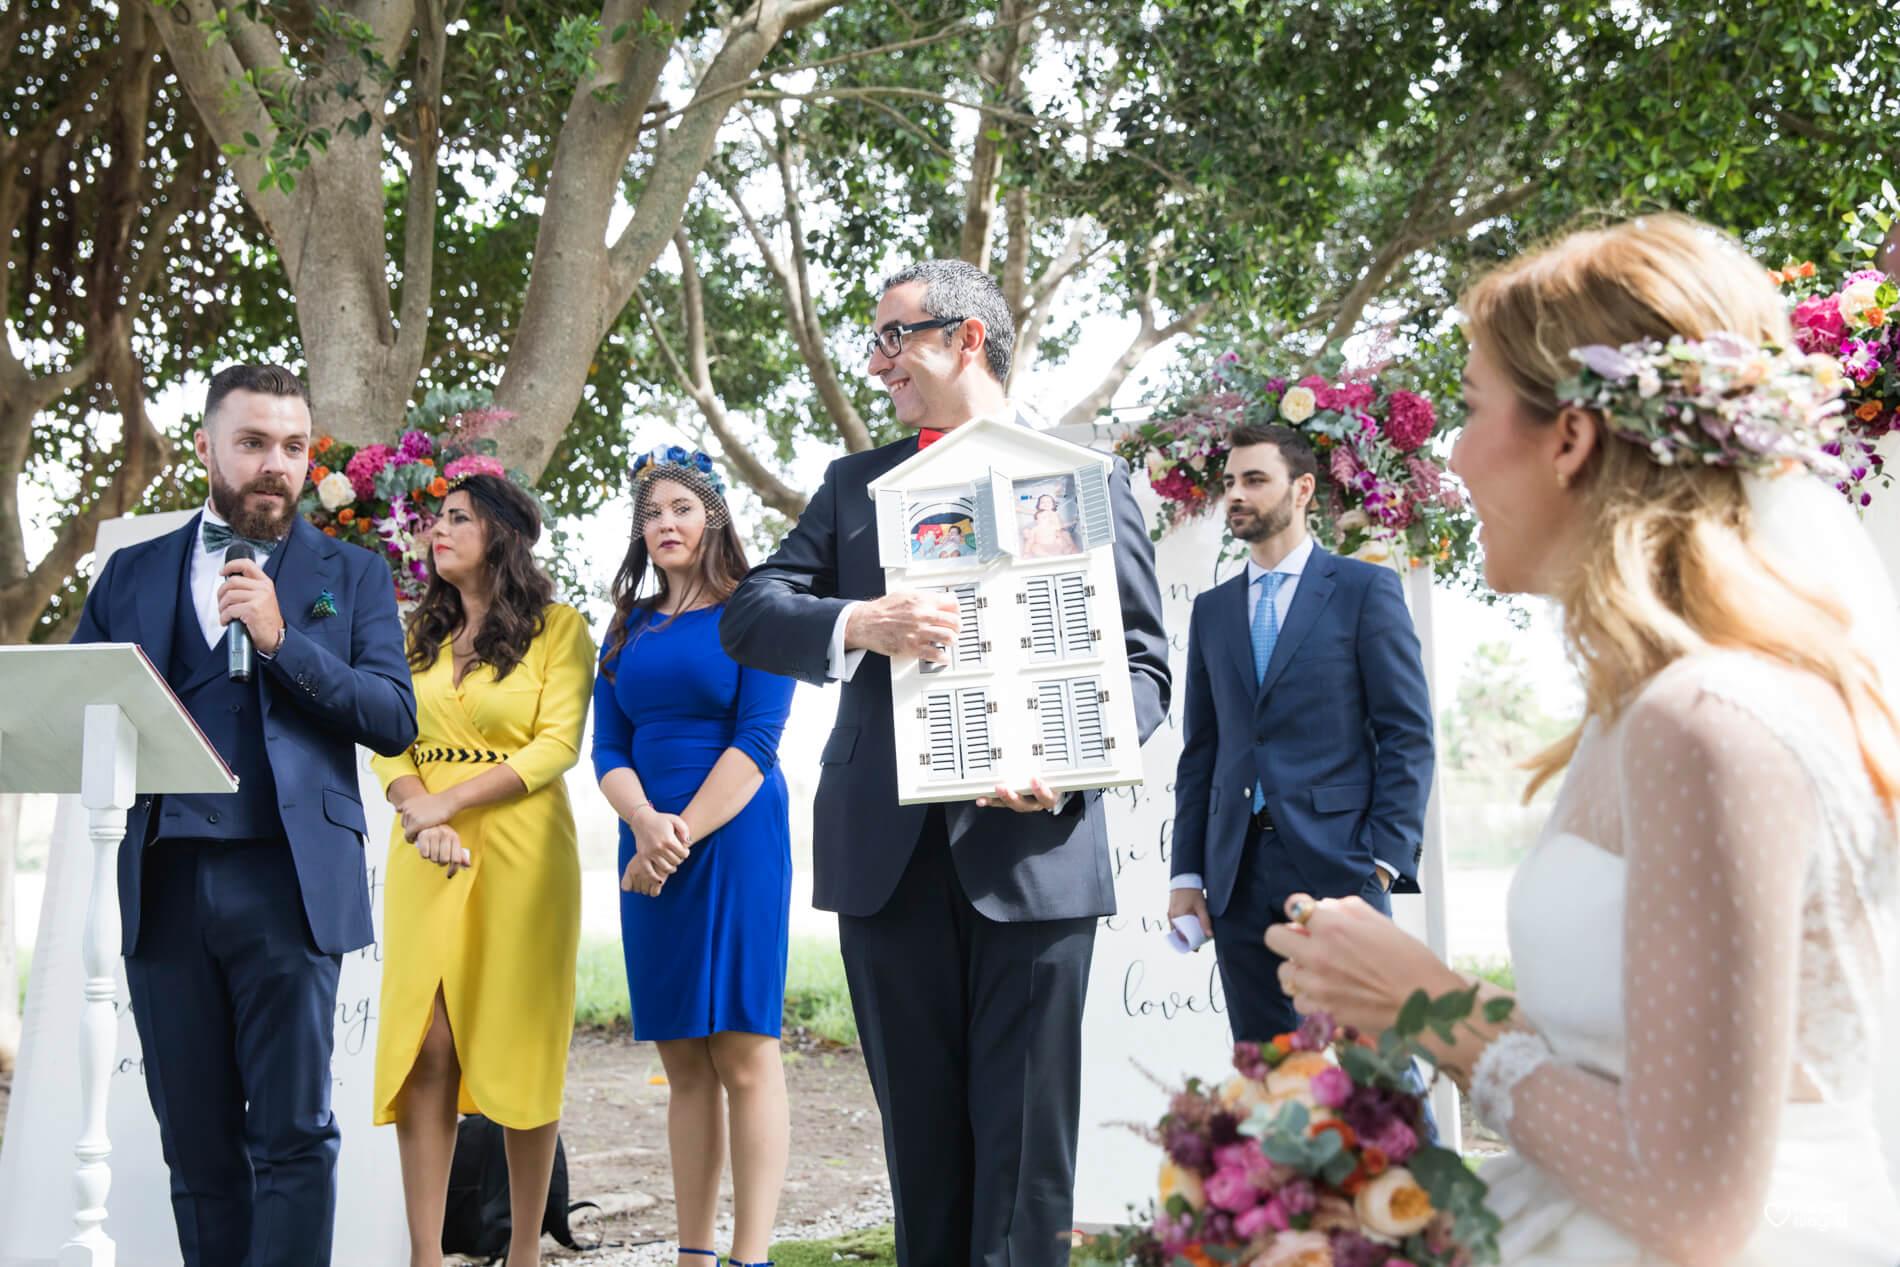 boda-en-finca-villa-vera-de-alemc7-miriam-alegria-fotografos-boda-murcia-76